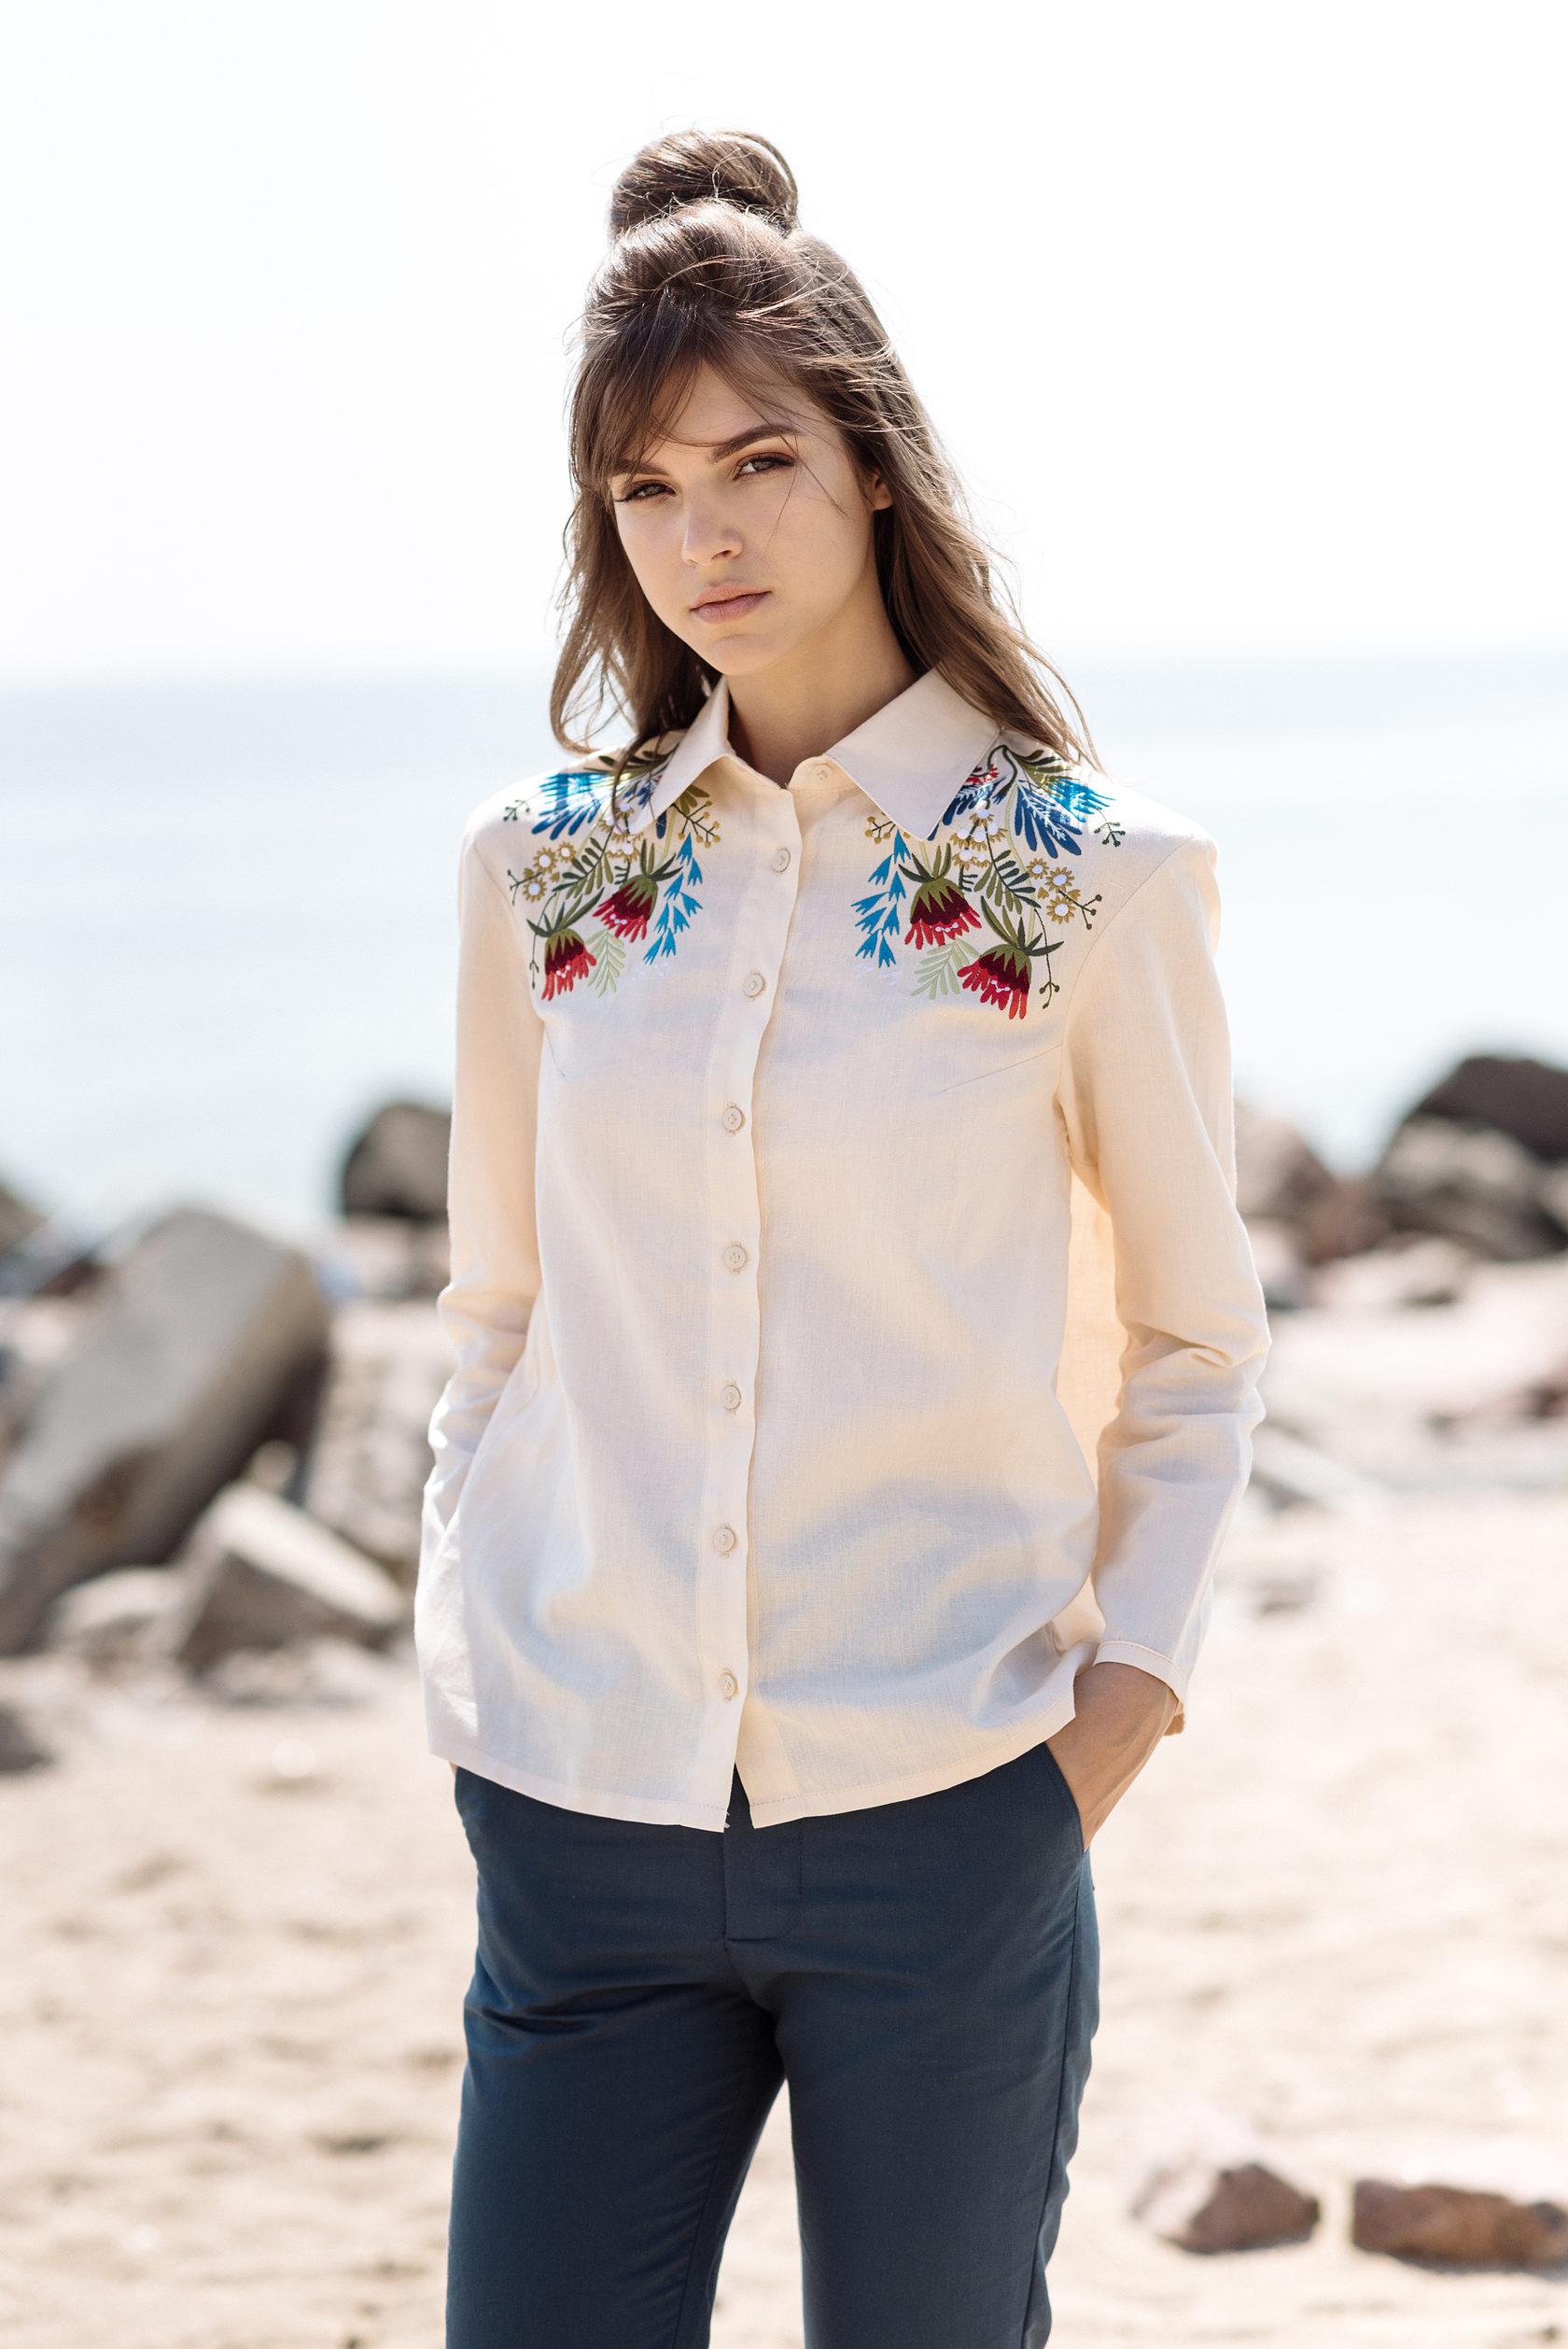 2930fc2c4966cb Біла сорочка з гарним квітковим орнаментом – основа жіночого гардеробу.  Одяг не лише має стильний та привабливий вигляд, а й має оберегові  властивості, ...